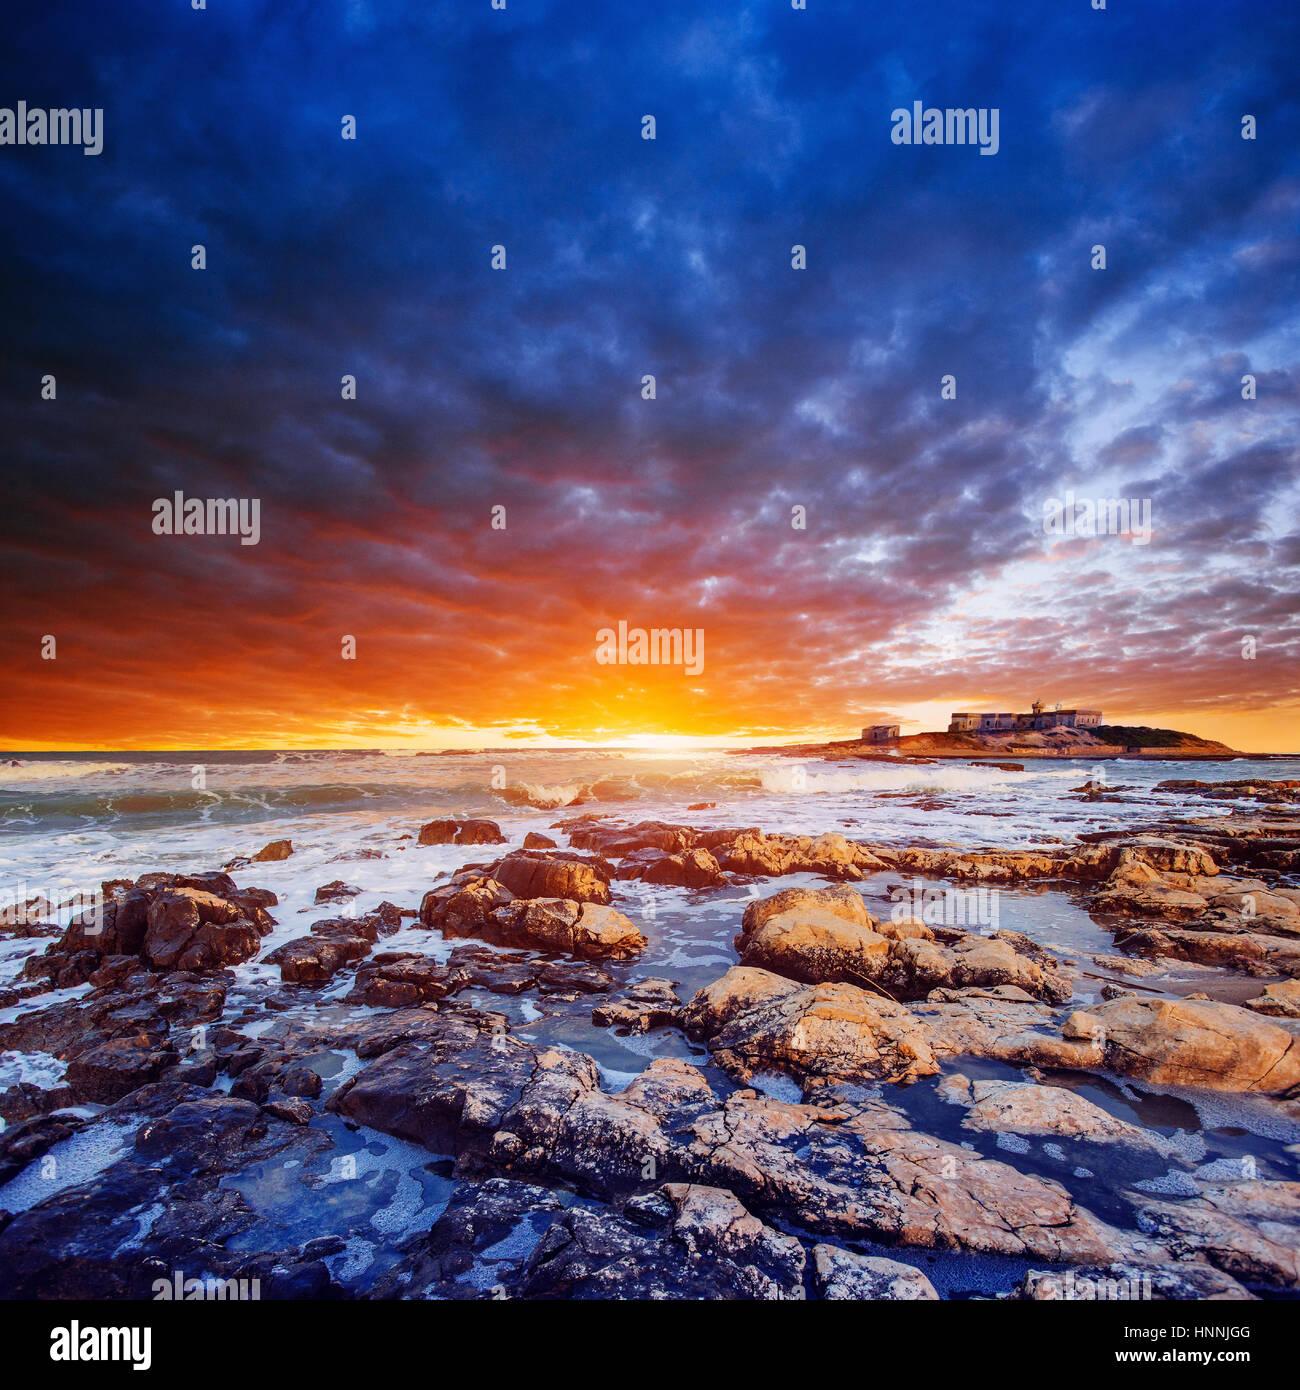 Fantásticas vistas de la reserva natural de Monte Cofano. Espectacular scen Imagen De Stock